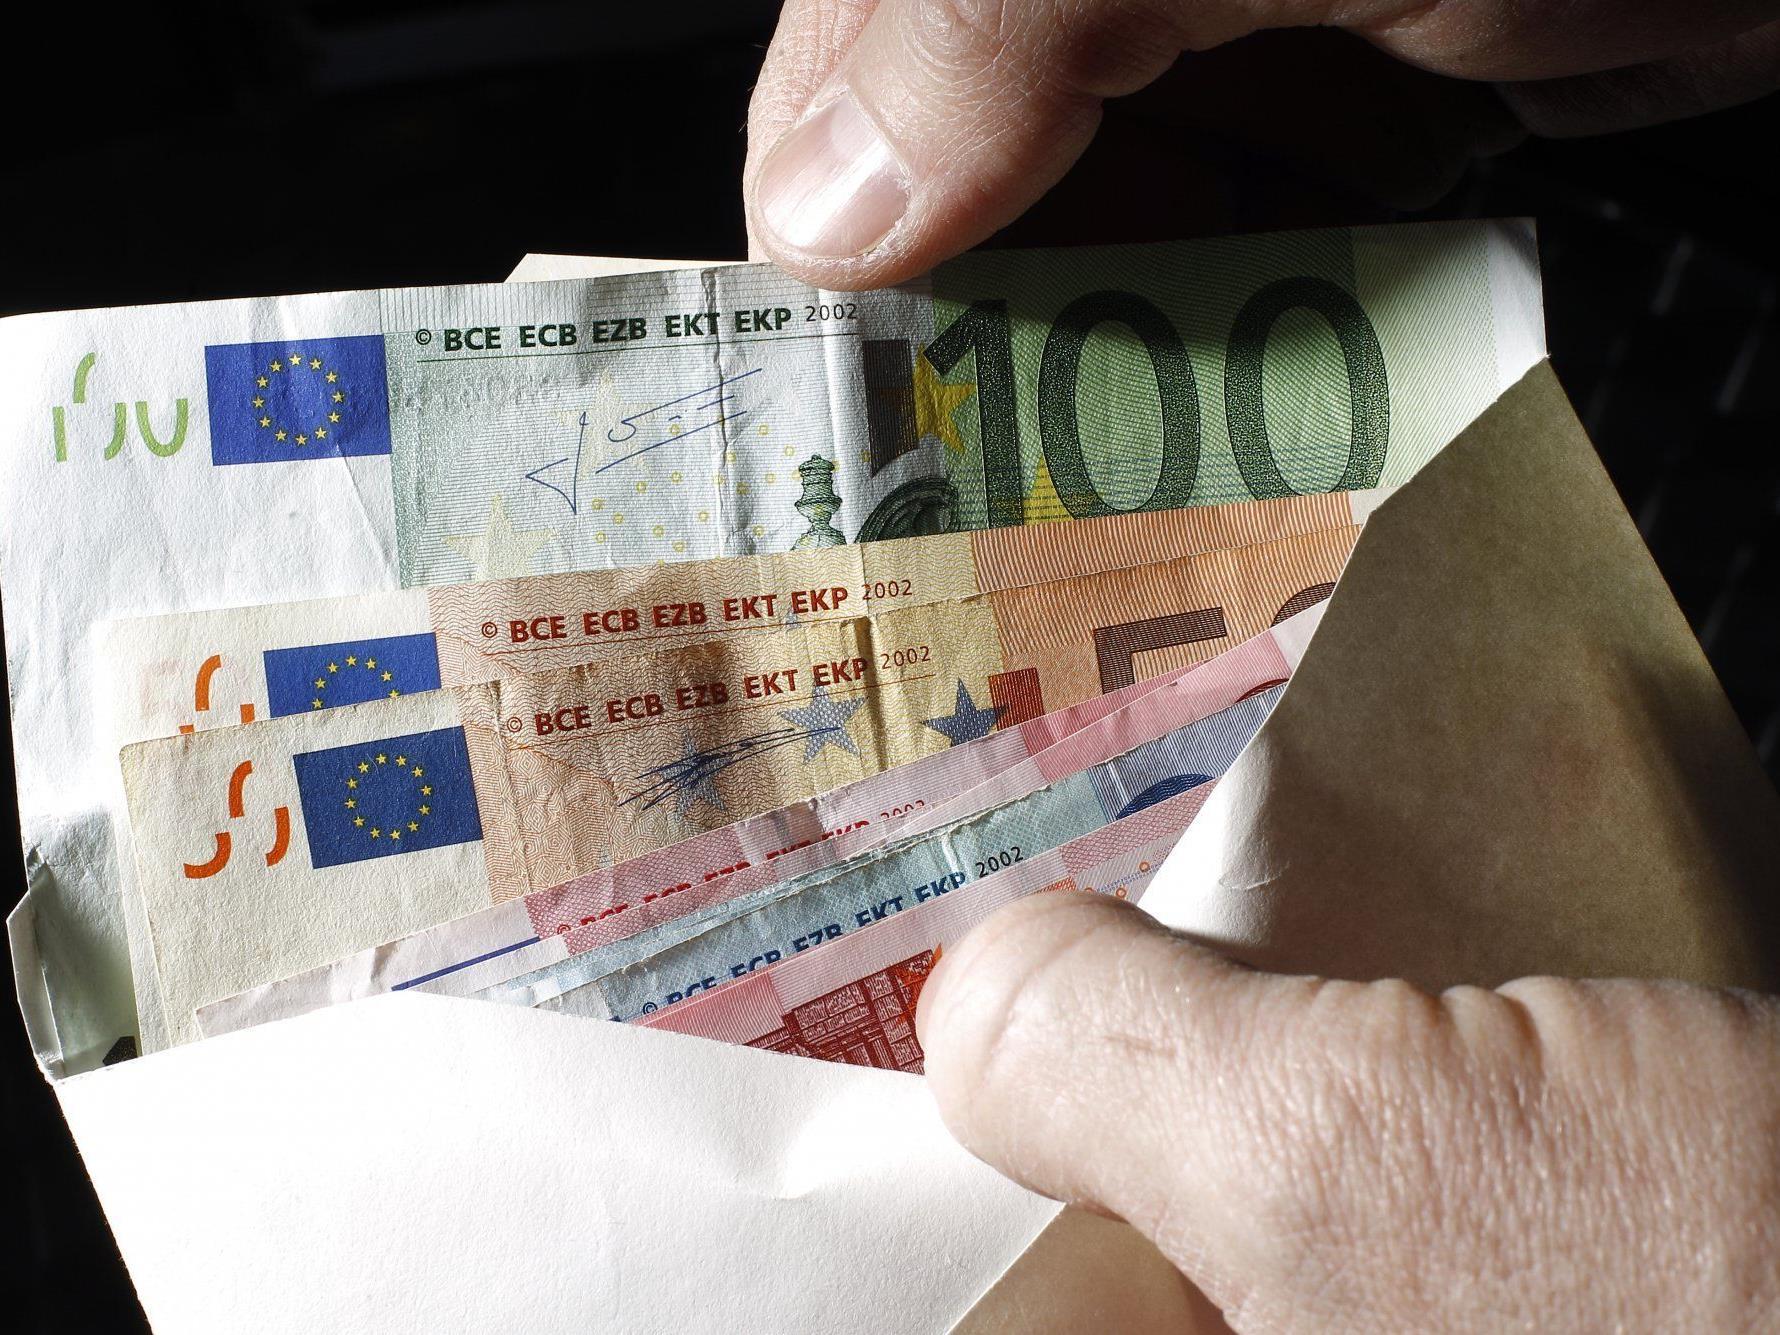 Kuverts mit 10.000 bis 20.000 Euro werden in Braunschweig anonym gespendet.